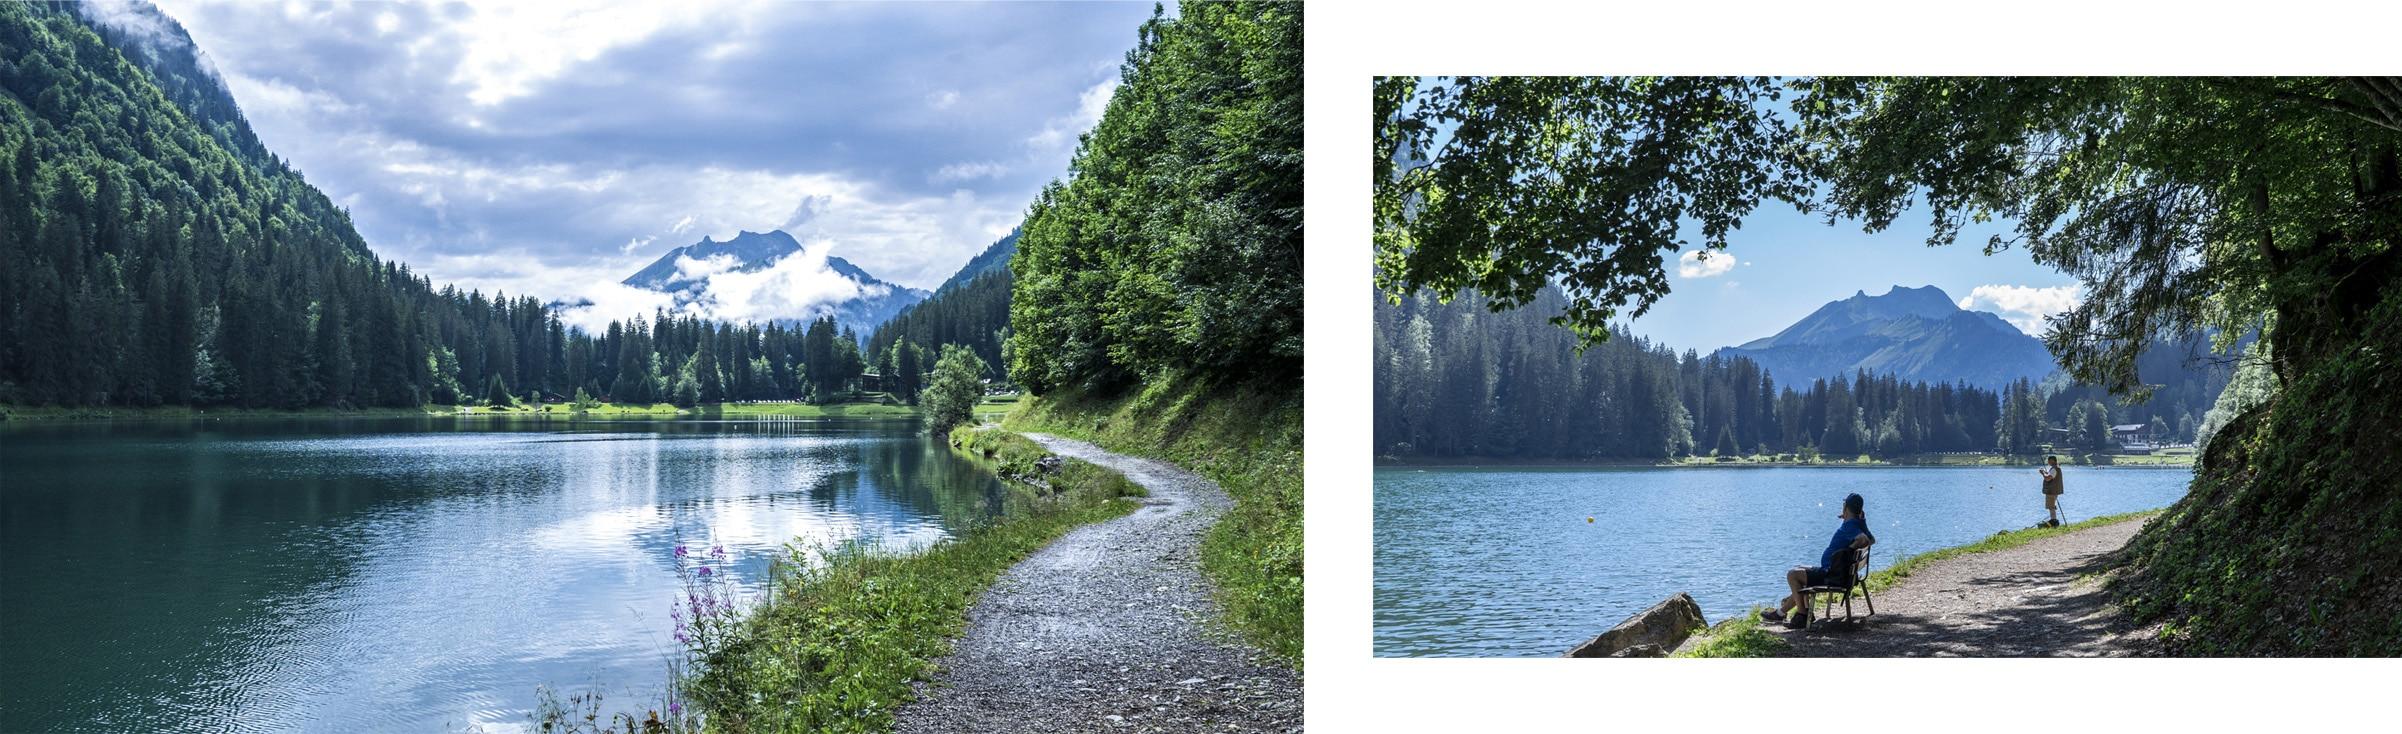 Lac de Montriond chemin montagnes nuages lac sapins